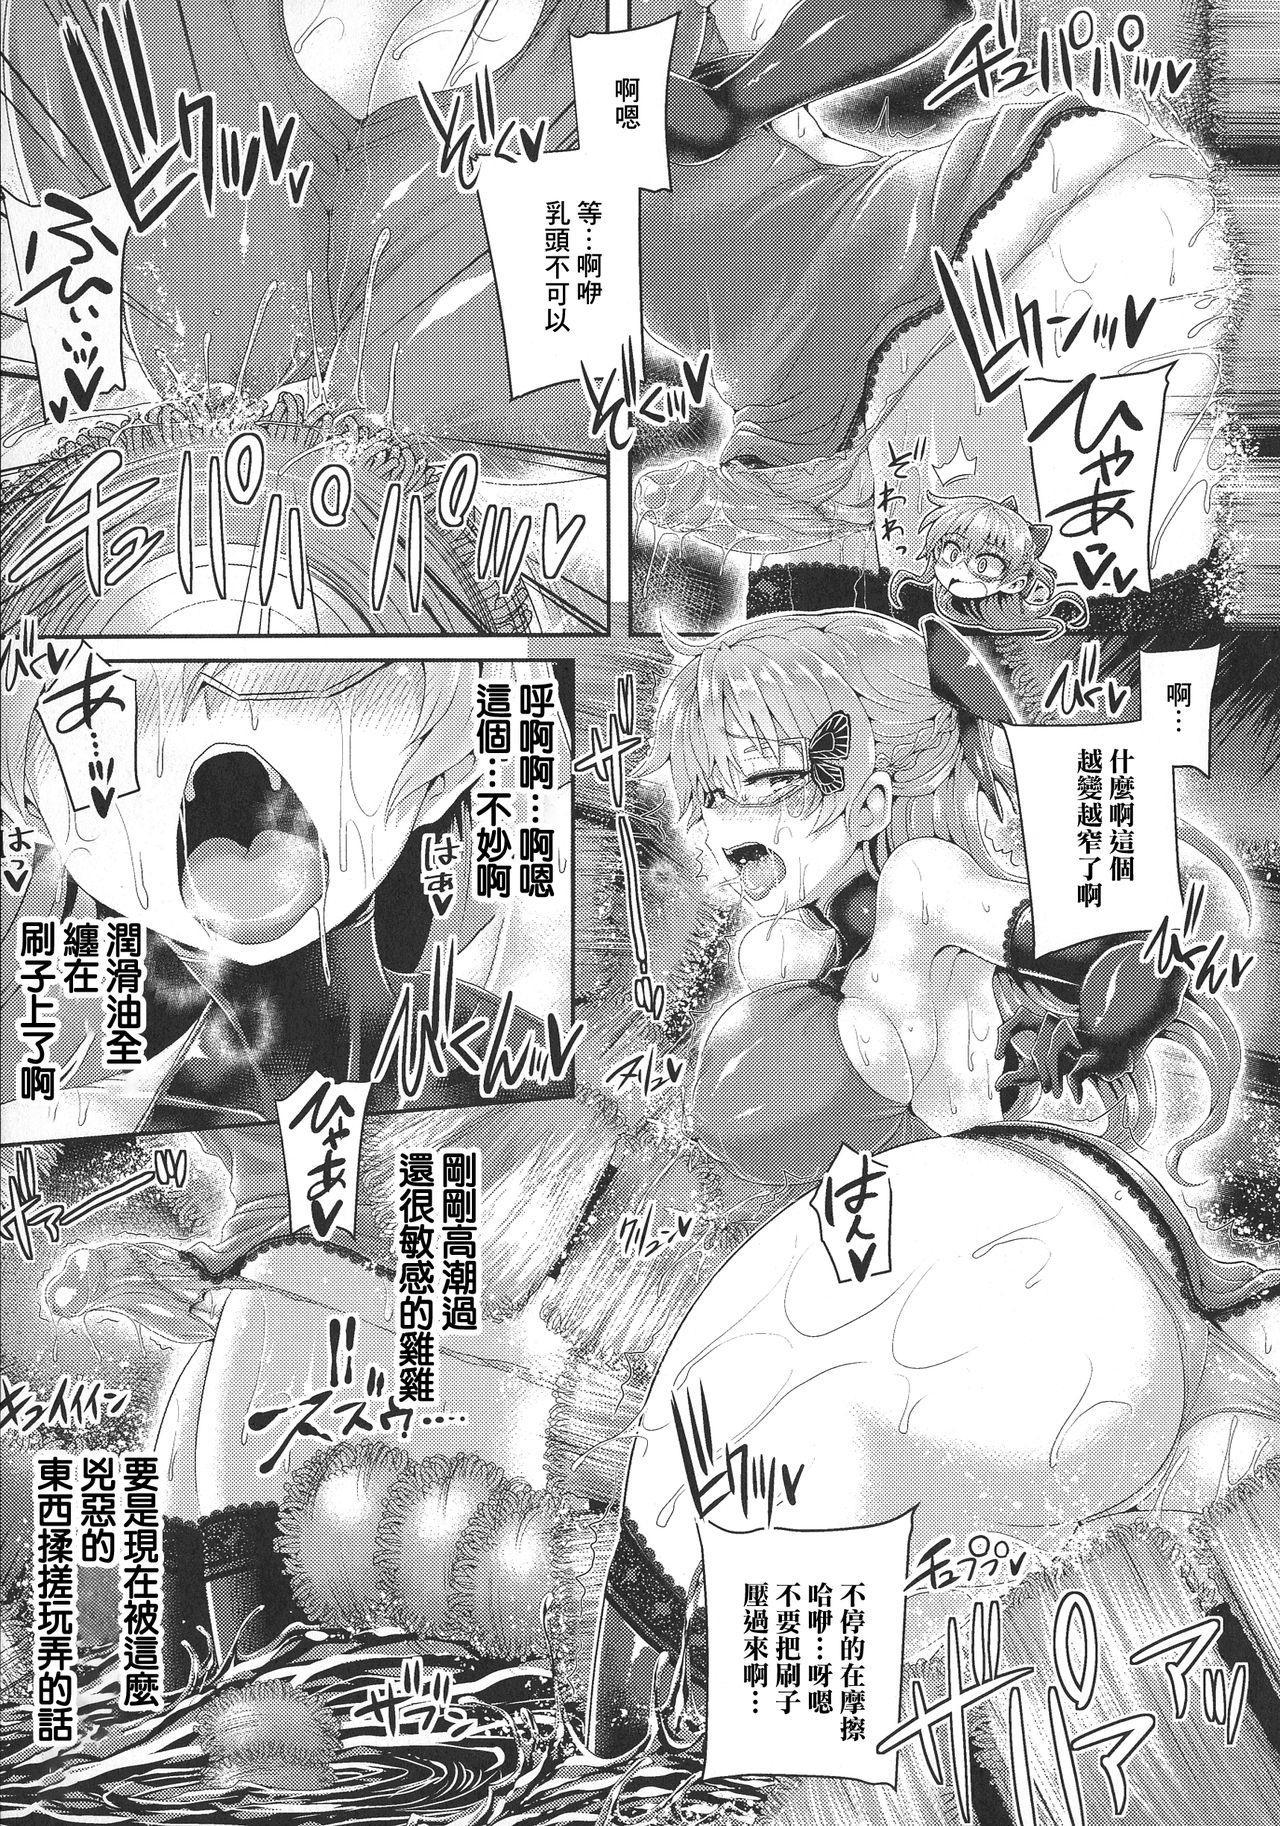 Futanari Gal Brave - Tsuiteru Gal Yuusha Isekai no ji ni Botsu 139